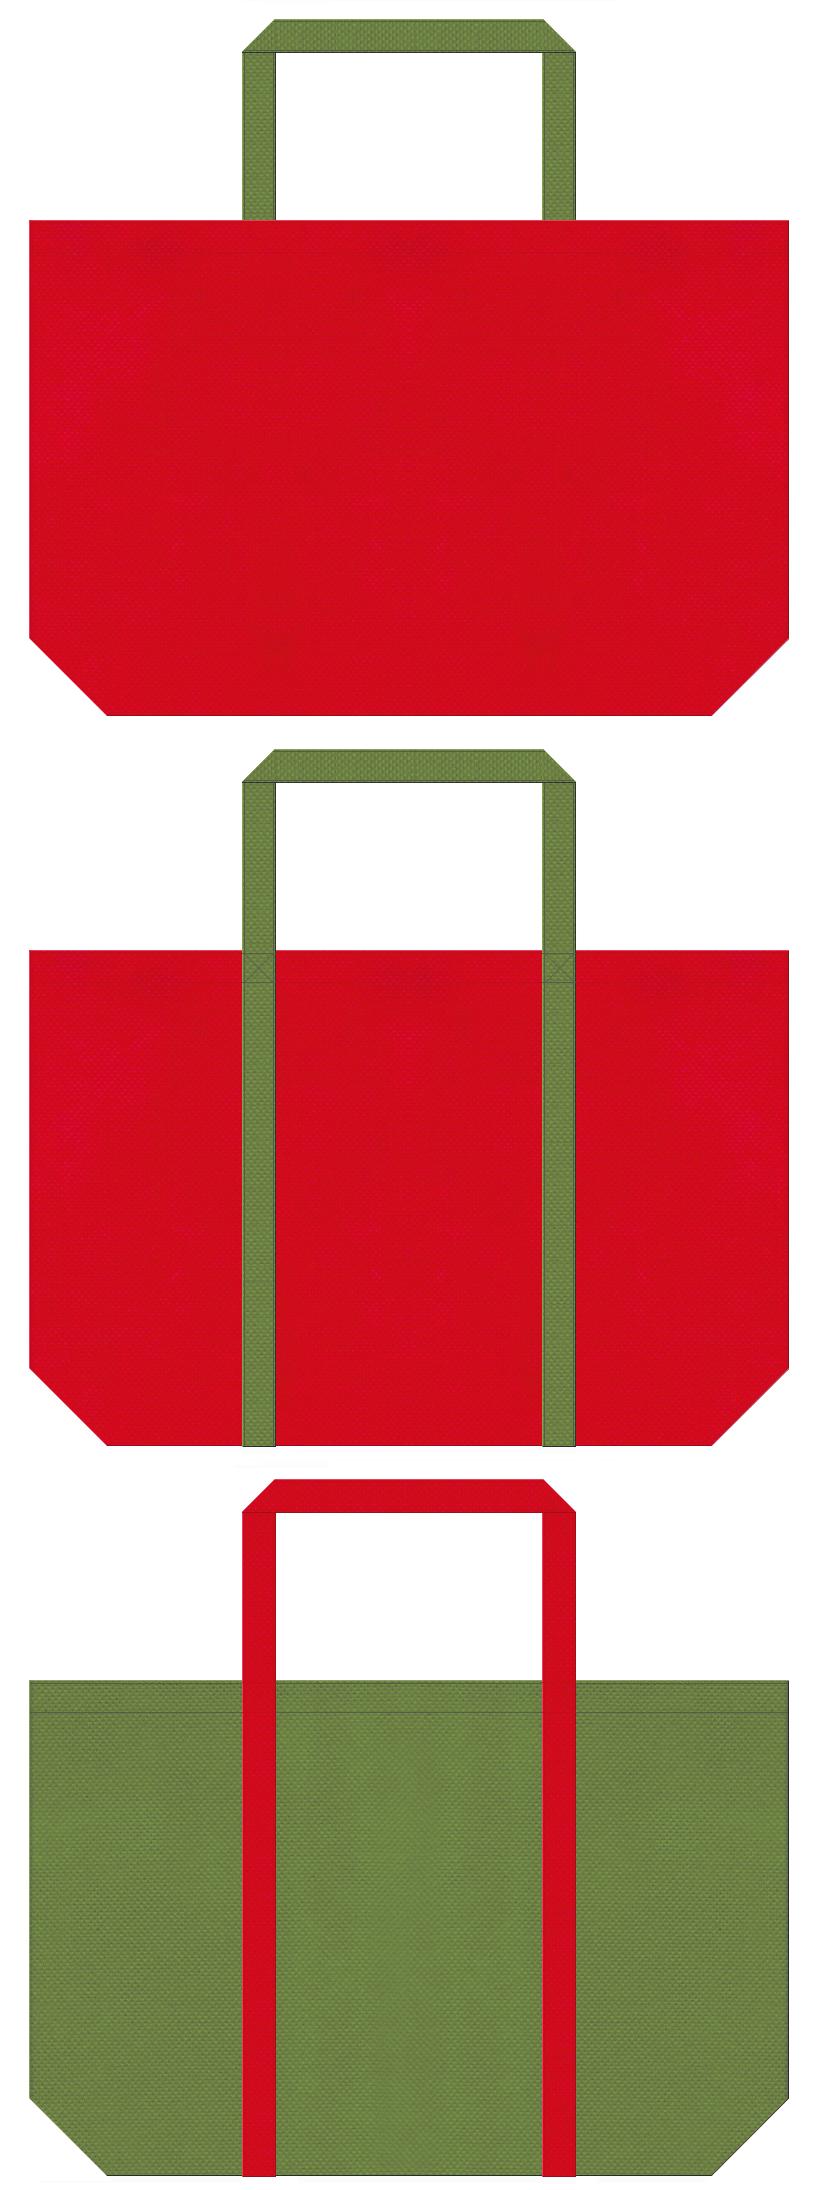 野点傘・番傘・茶会・お城イベント・和風庭園・和風催事にお奨めの不織布バッグデザイン:紅色と草色のコーデ